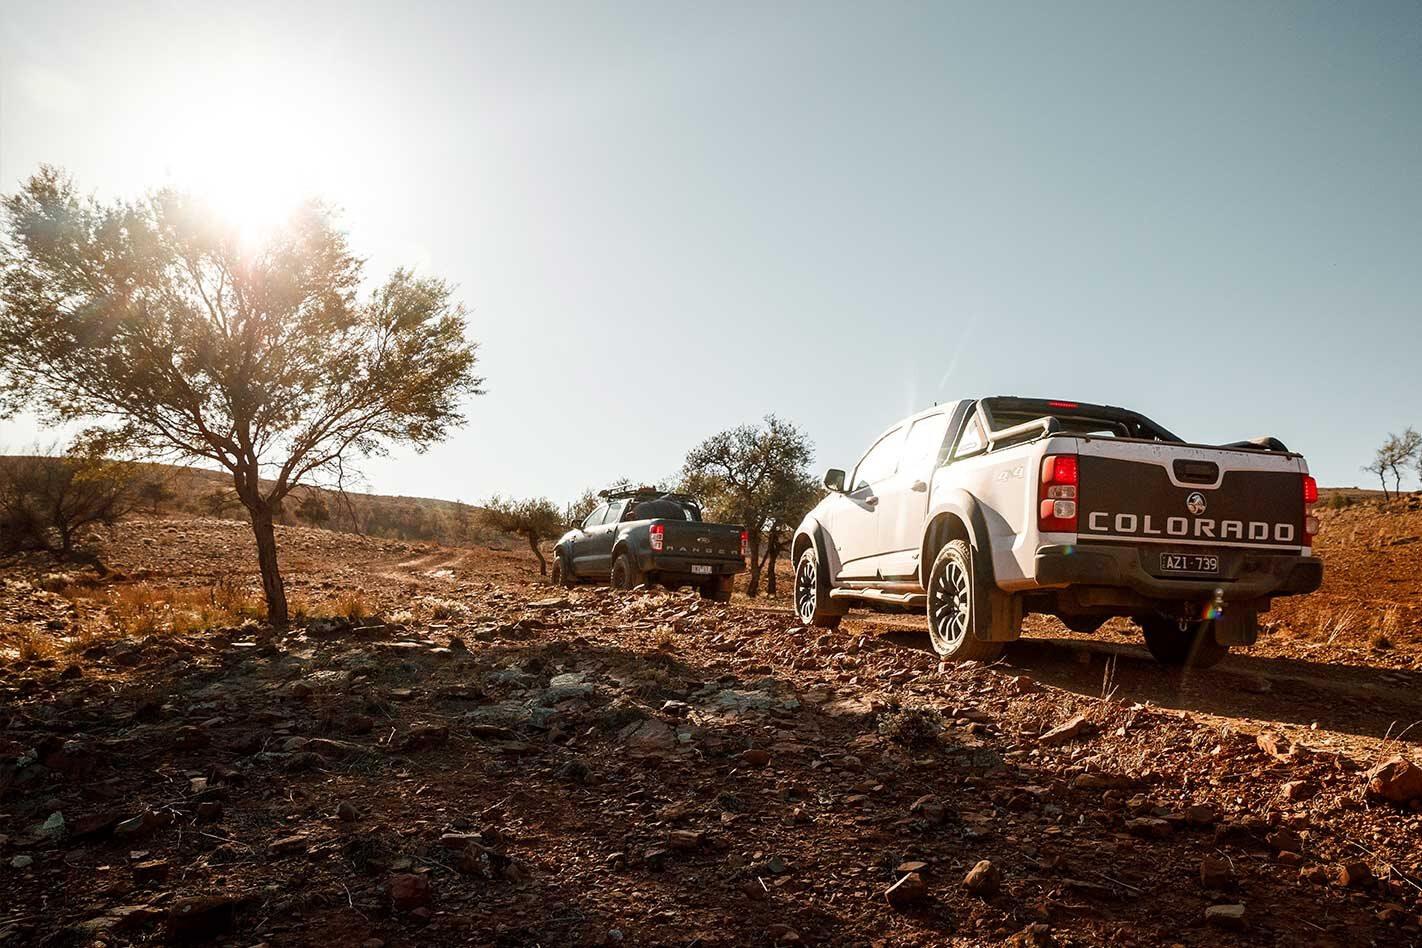 Exploring Flinders Ranges Part 1 4x4 Adventure Series